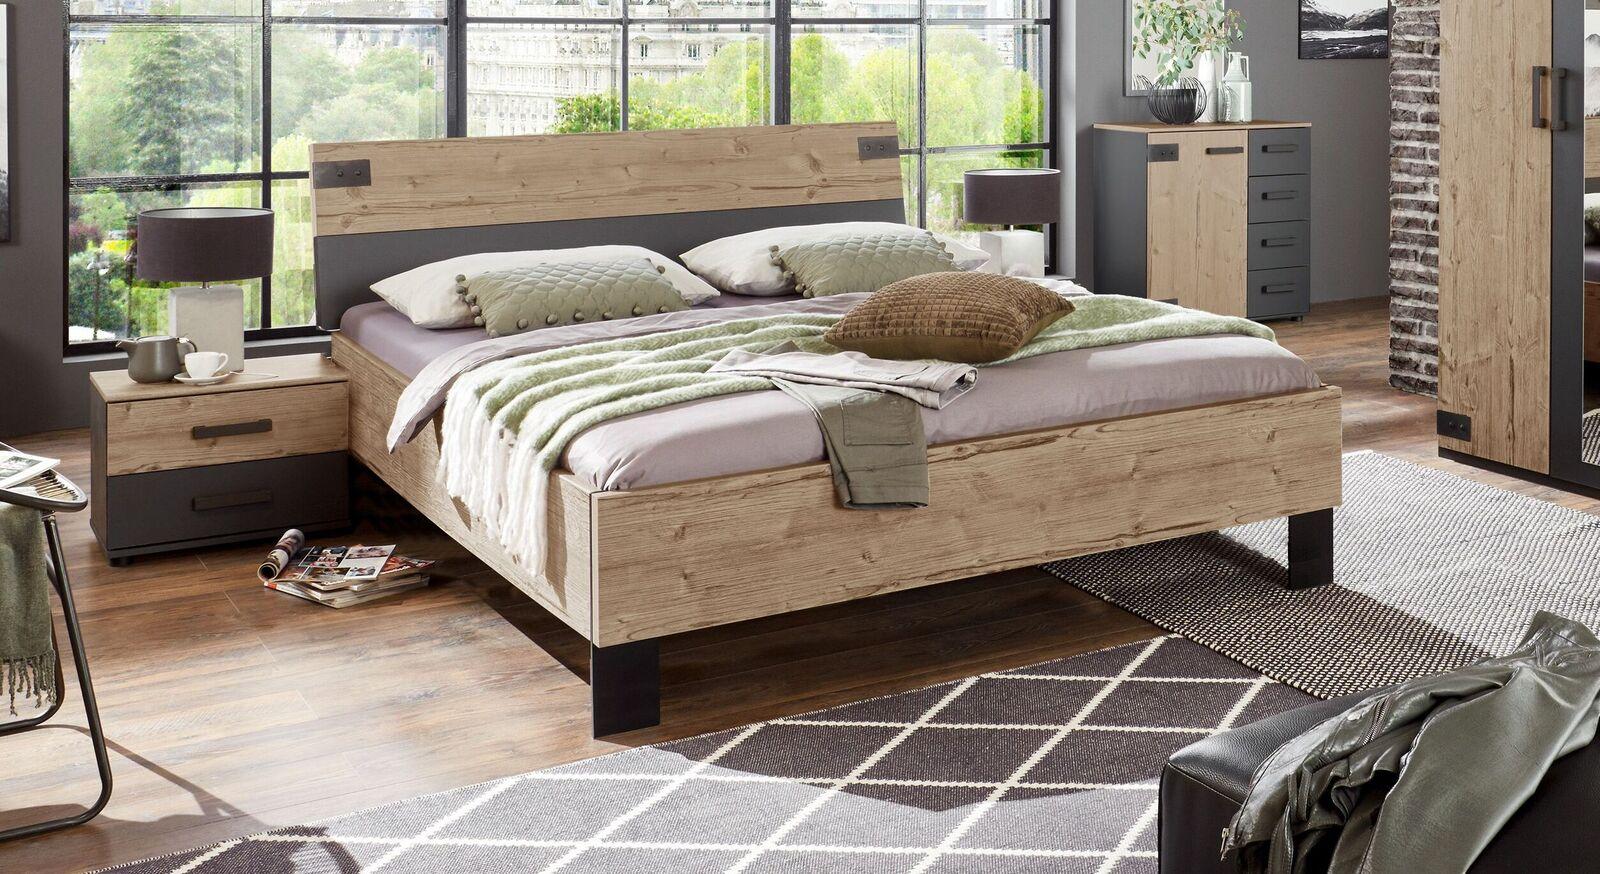 Zweifarbiges Bett Midori im Factory-Style